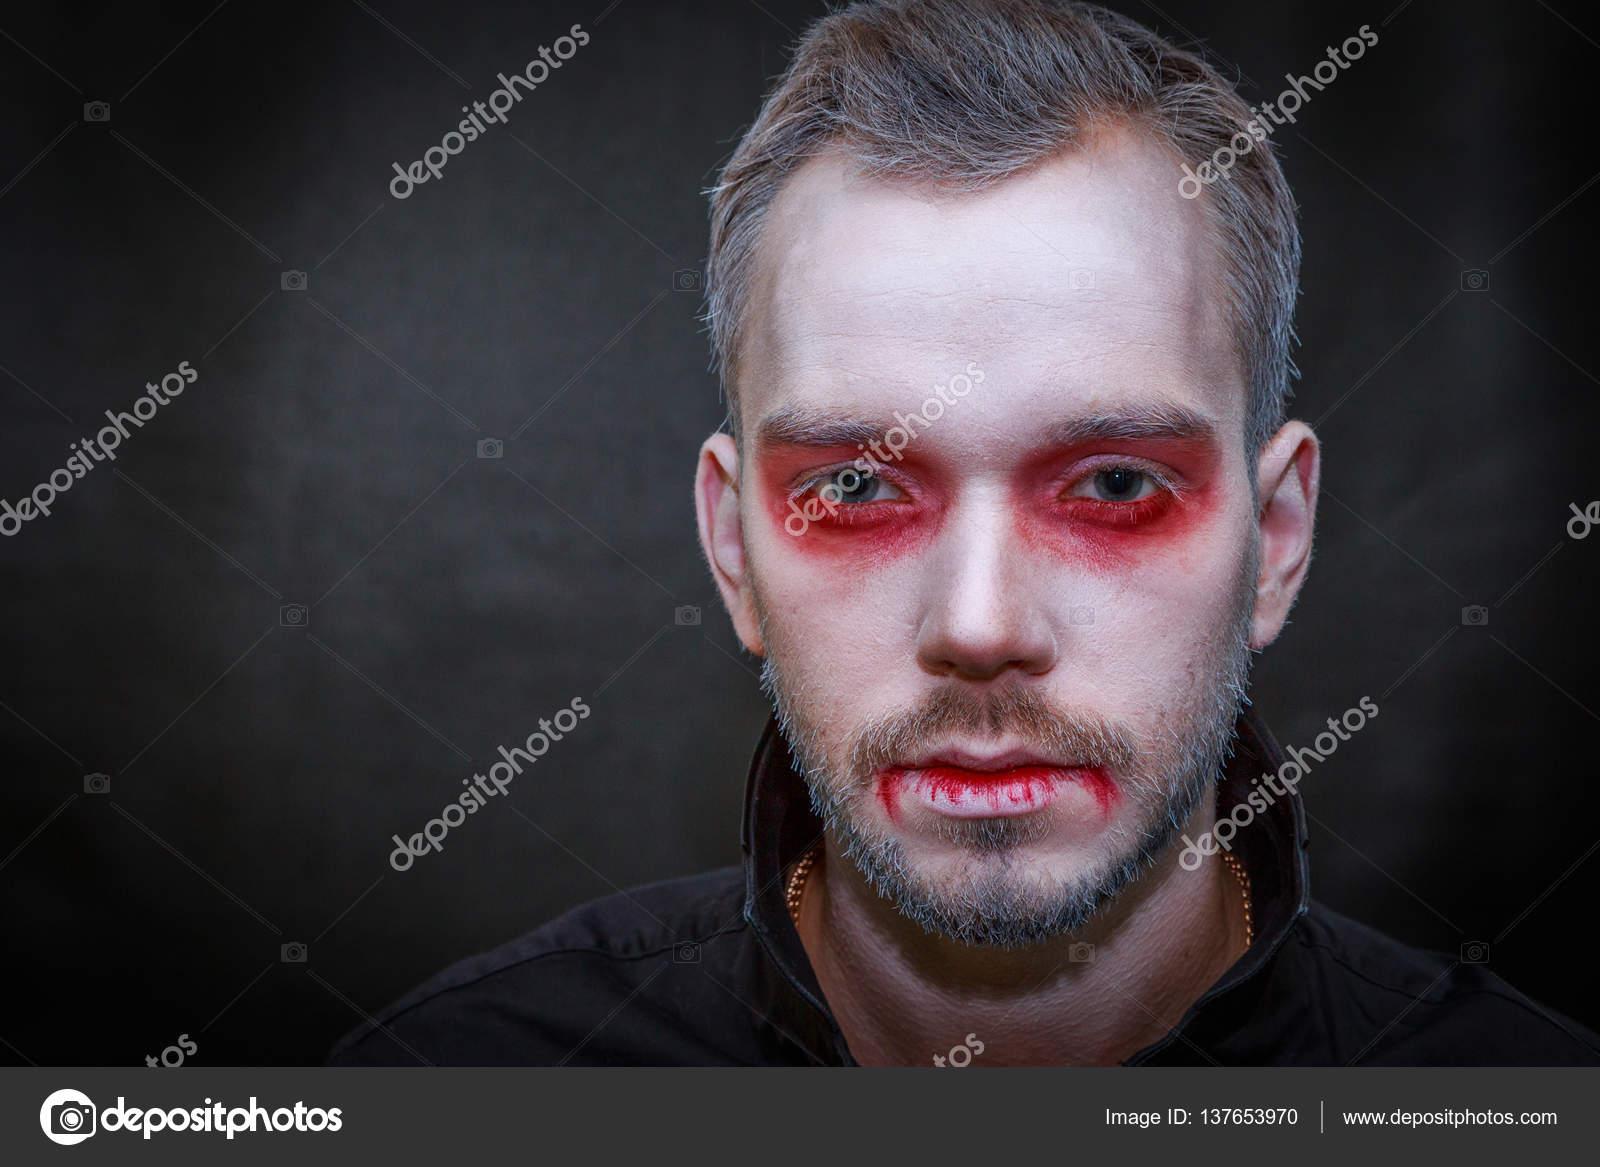 Trucco Halloween Vampiro Uomo.Foto Trucco Di Vampiro Maschio Trucco Vampiro Uomo Foto Stock